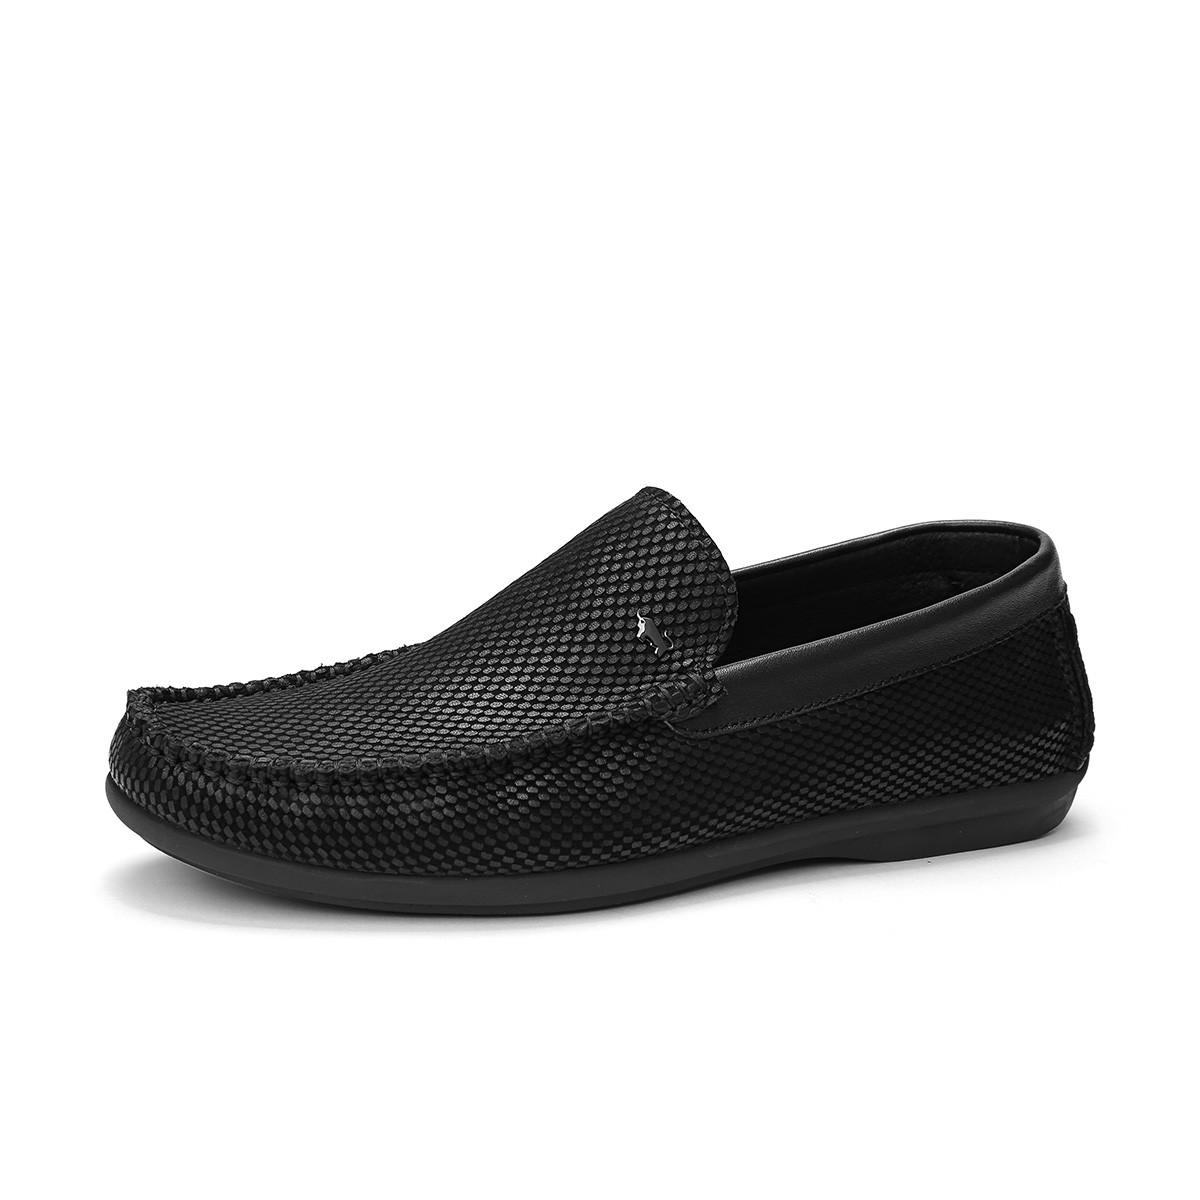 布兰施2019年新品牛皮圆头套脚男士休闲皮鞋男鞋皮鞋男士皮鞋B214199243